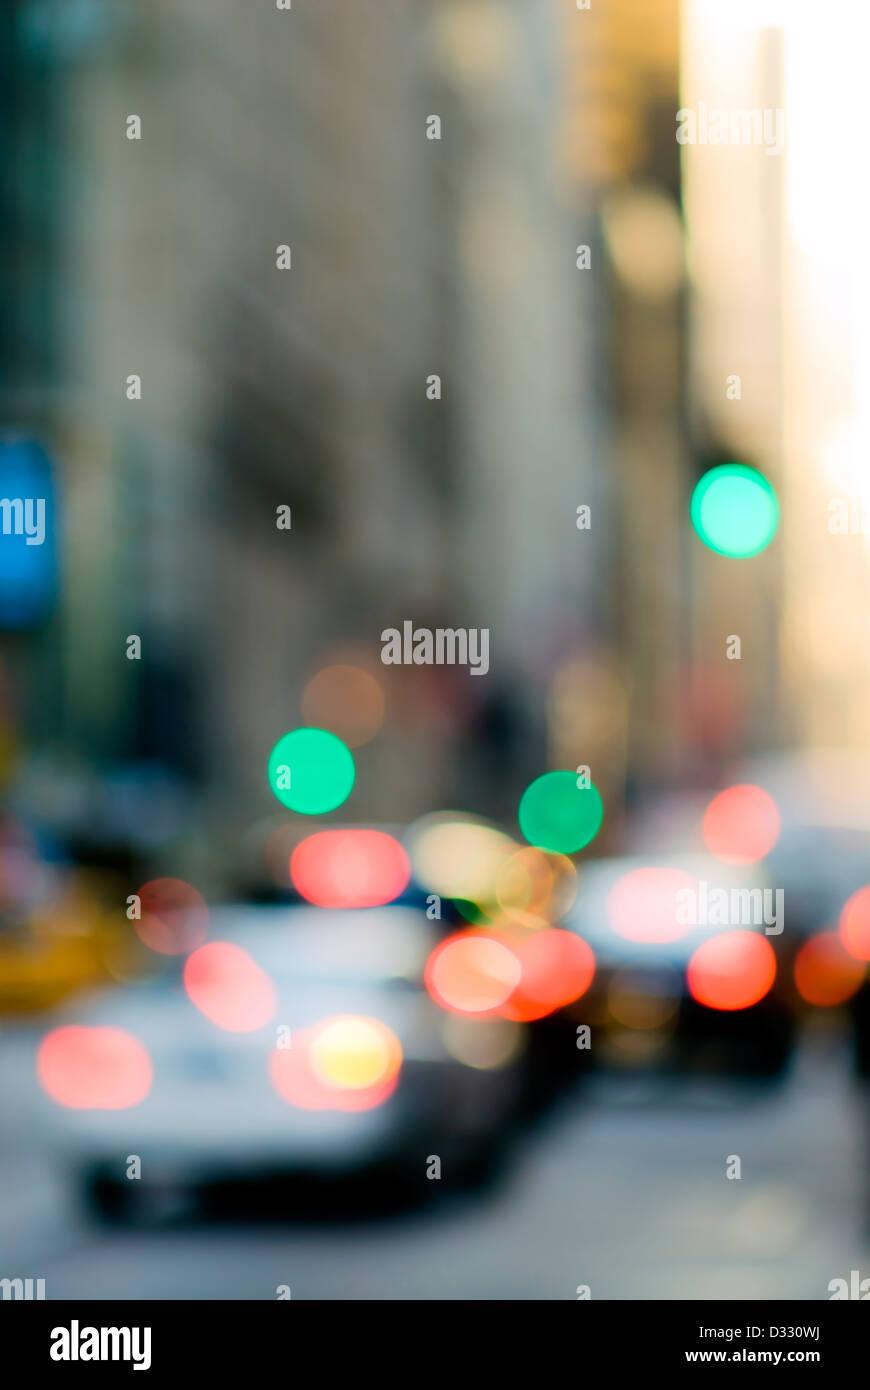 Urbano abstracto escena callejera con el tráfico, la ciudad de Nueva York. Imagen De Stock